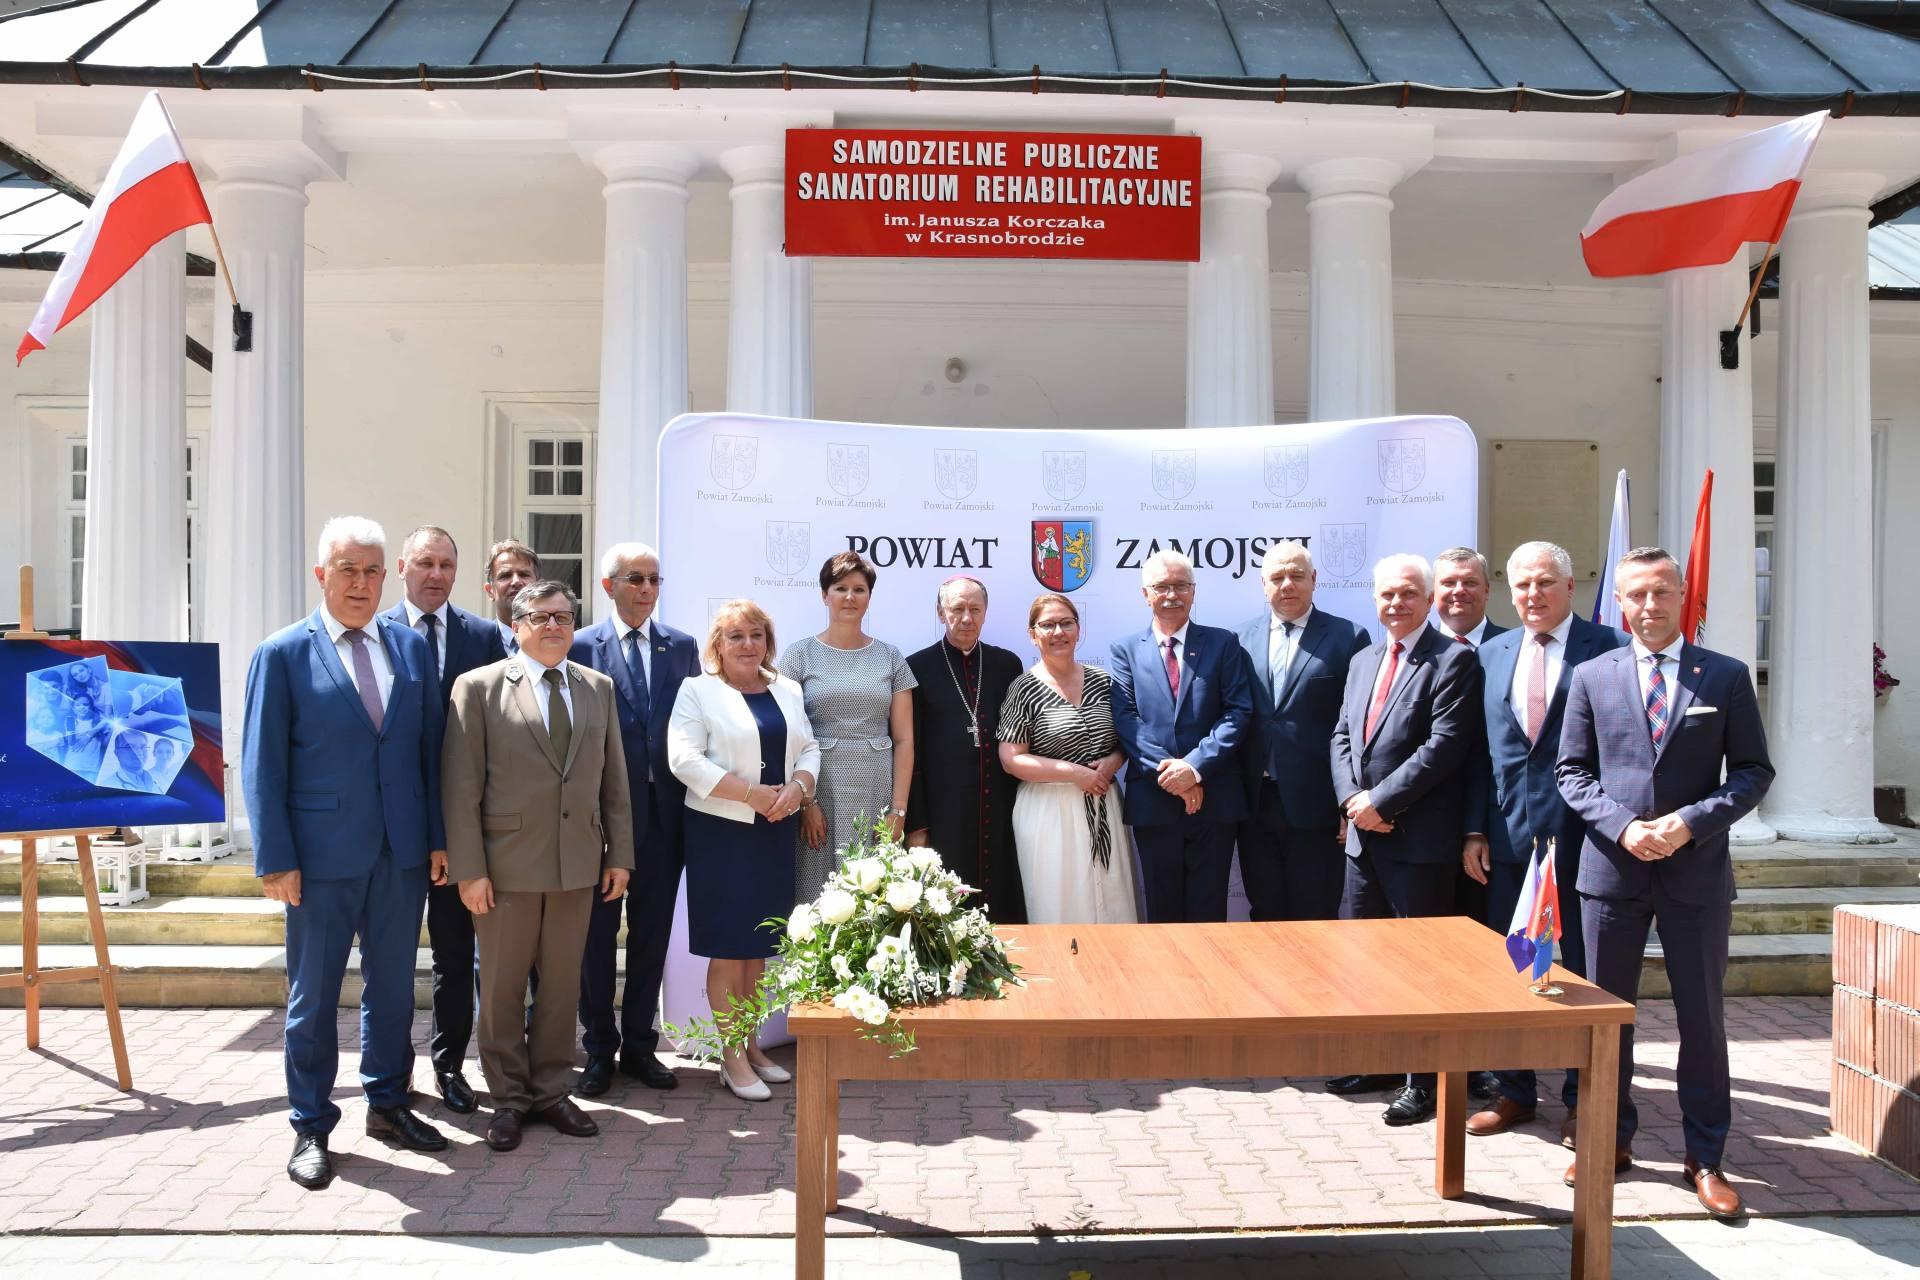 dsc 7564 Za 80 mln zł rozbudowane zostanie sanatorium w Krasnobrodzie.